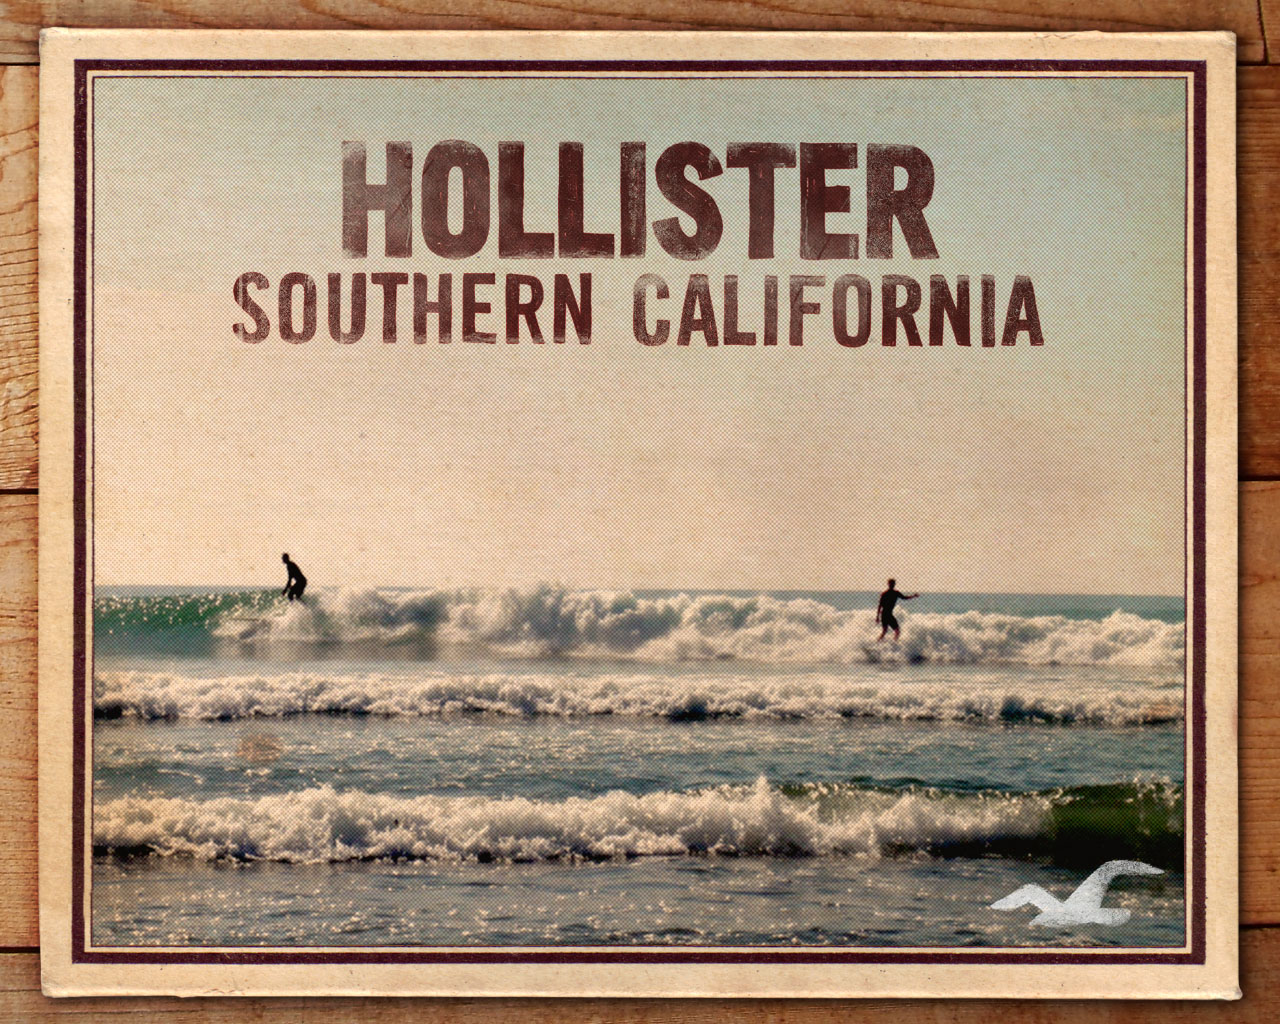 D / BARBATO - Hollister Co